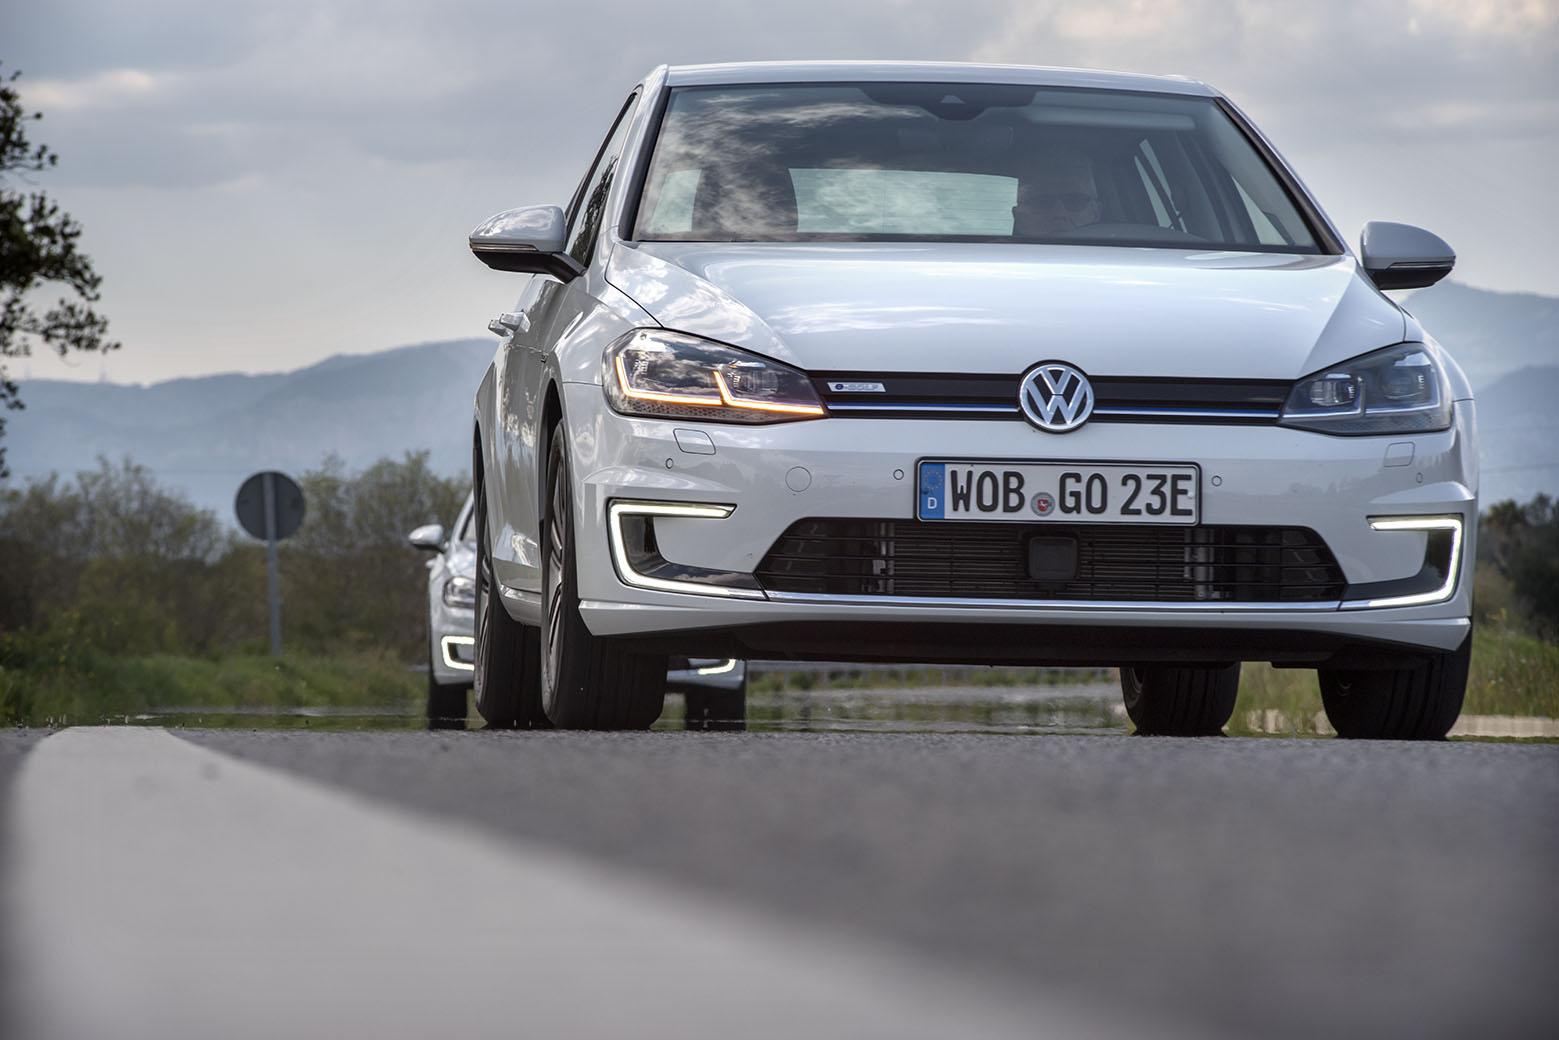 VW e-Golf är elbilen förklädd till en helt vanlig Golf. Det går också att köpa en Golf med både elmotor och bensinmotor. En laddhybrid med andra ord.